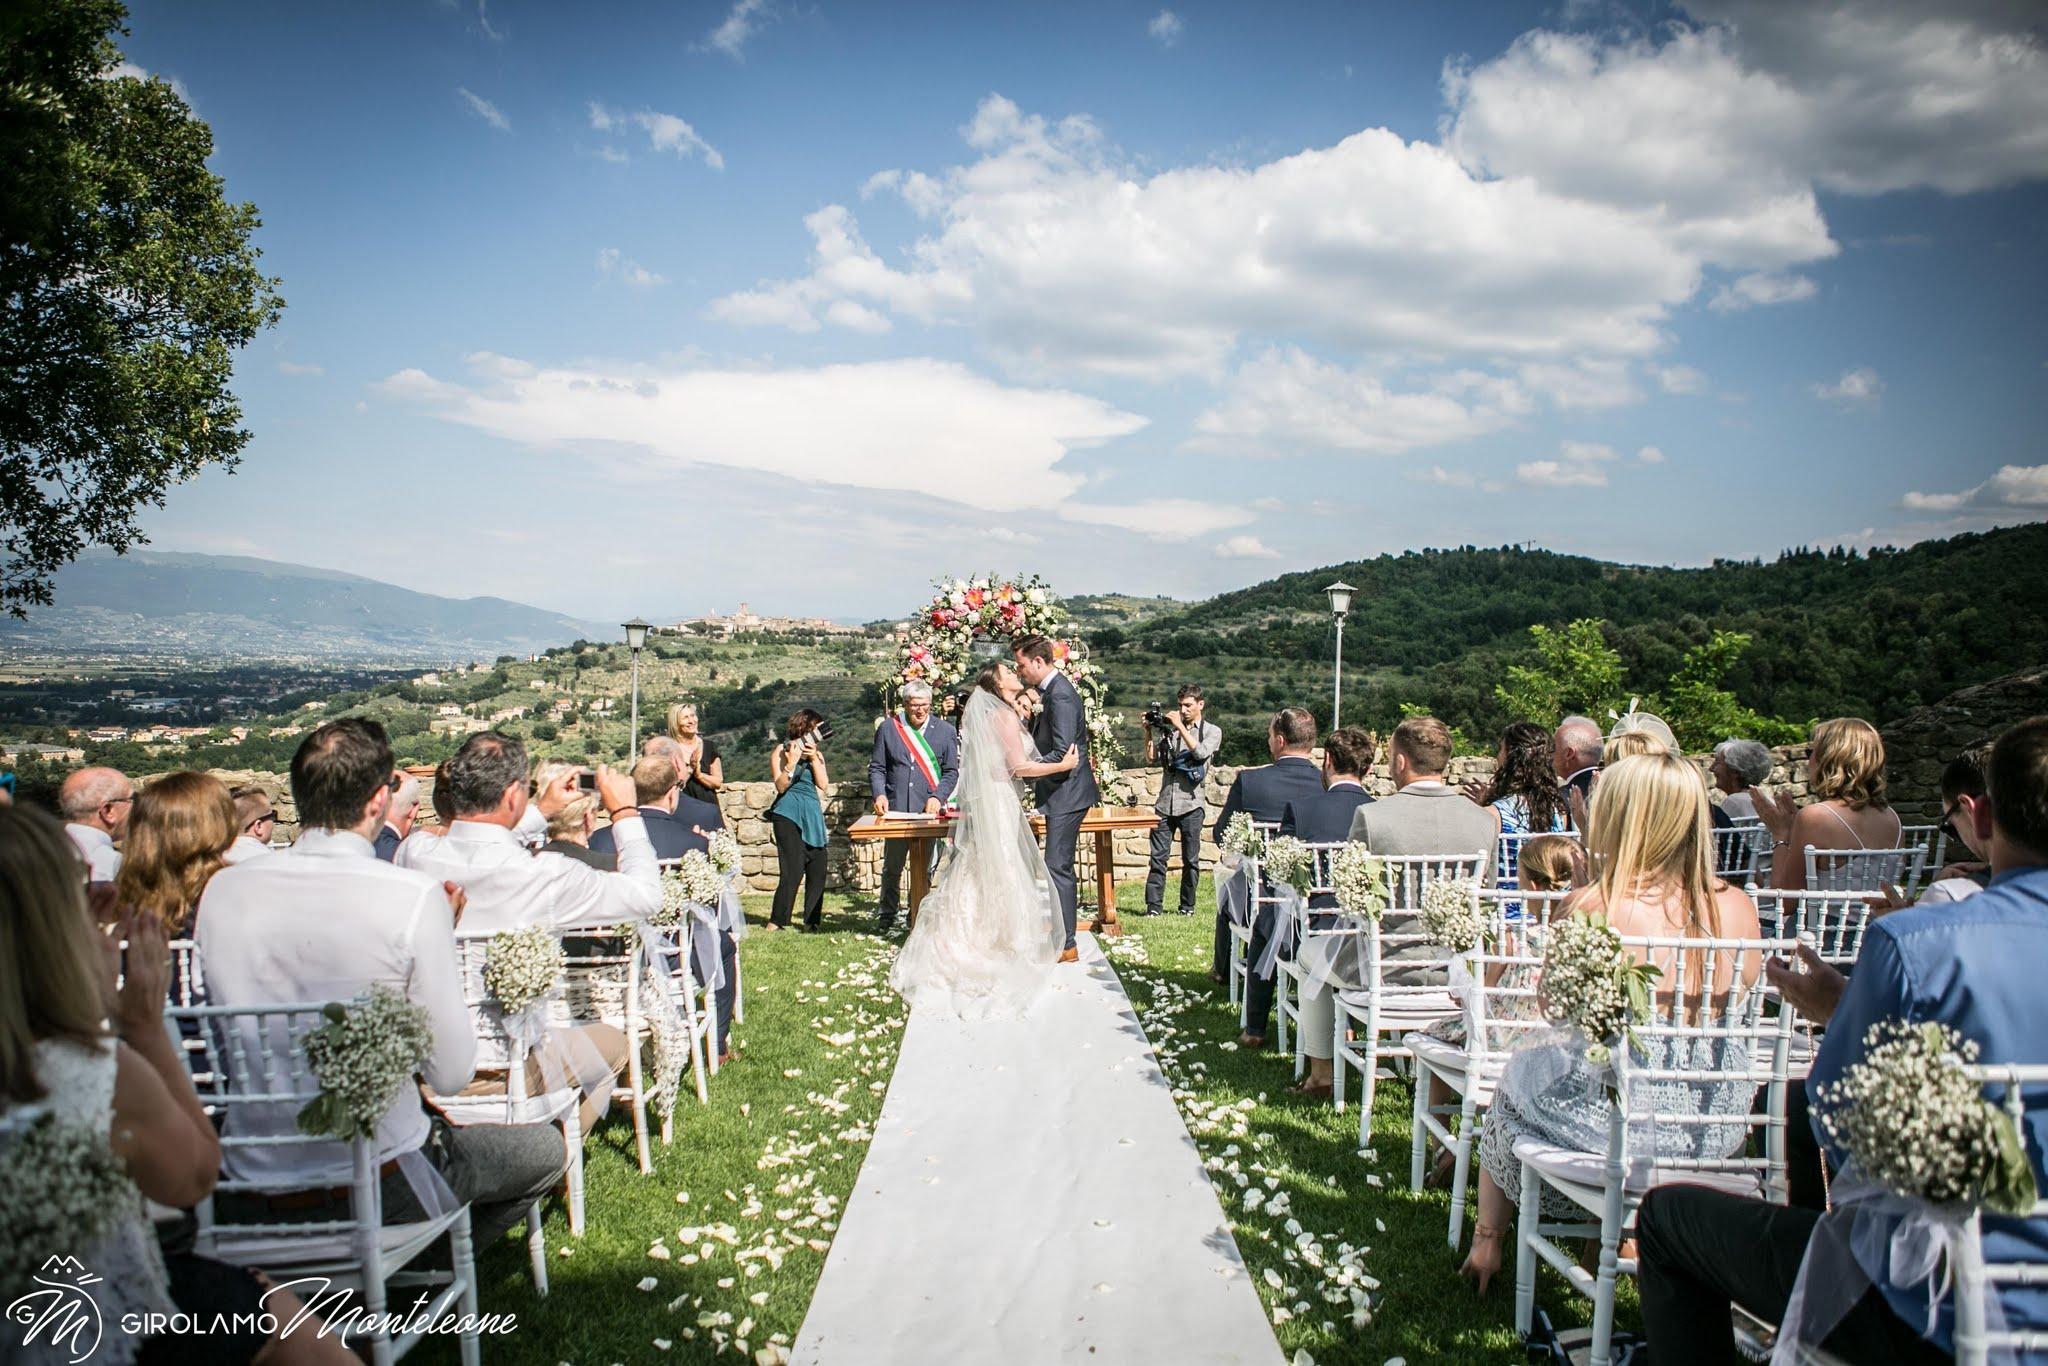 fotografo matrimonio Roma photographer in Italy WEDDING_in_UMBRIA_ITALY_Castello_di_Rosciano_GIROLAMOMONTELEONE.COM__2017-maggio31162700